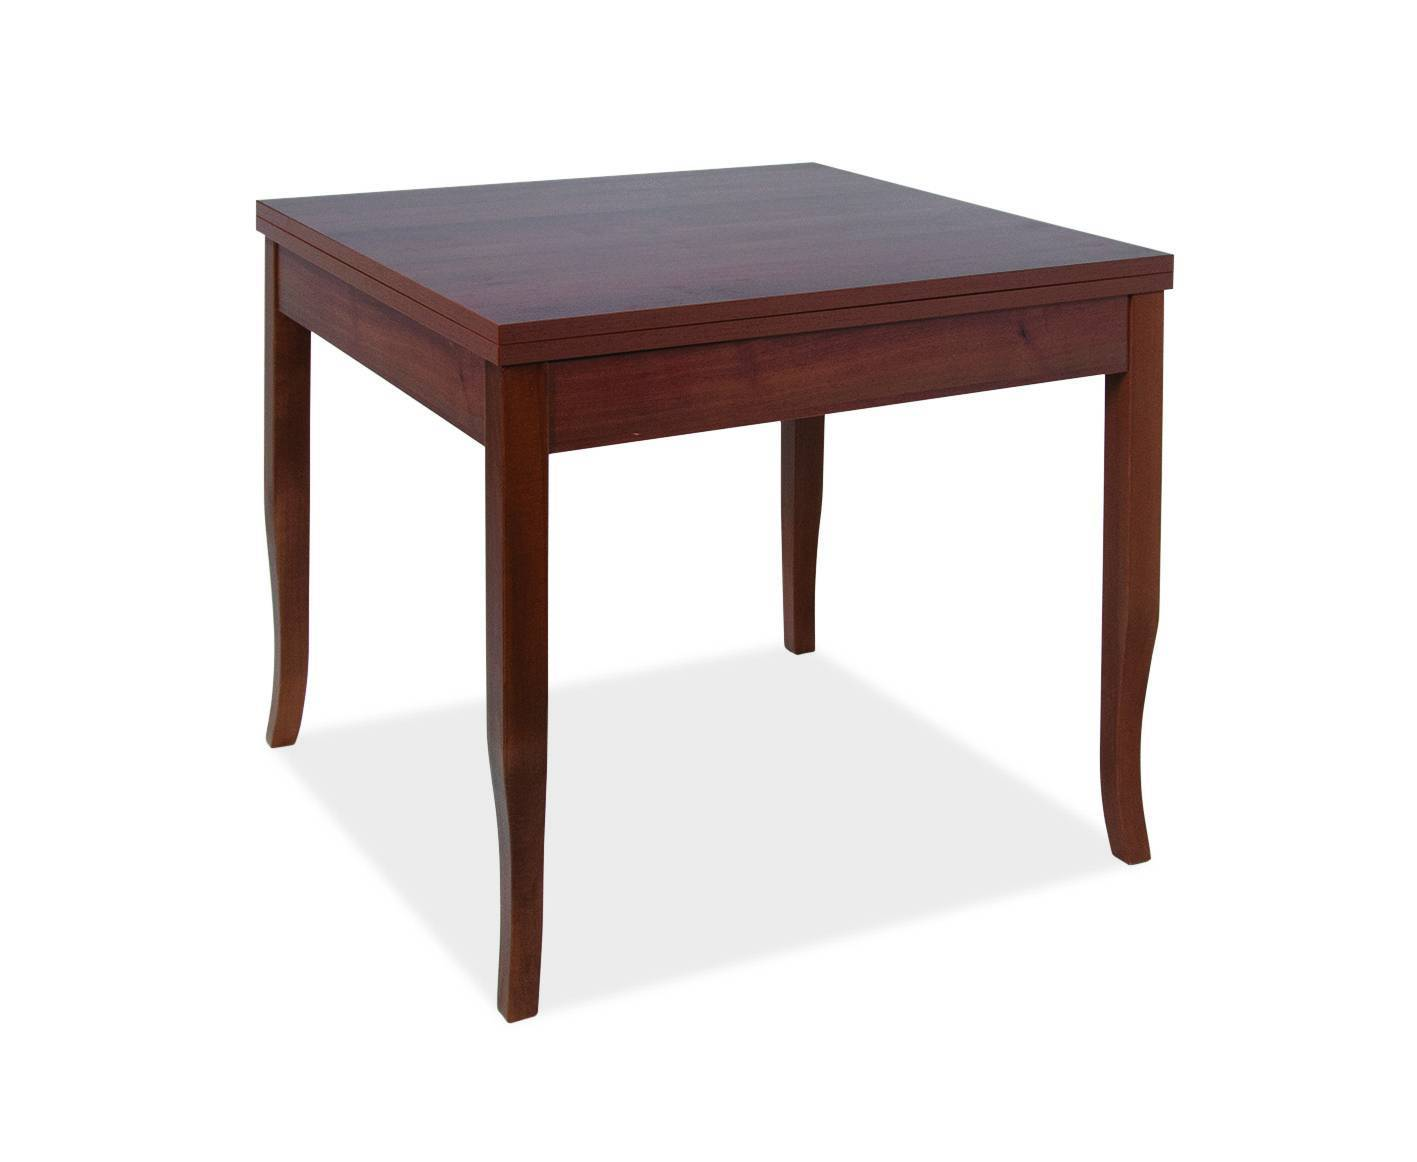 arredo interno tavolo ducale 90x90 cm allungabile a libro noce antico